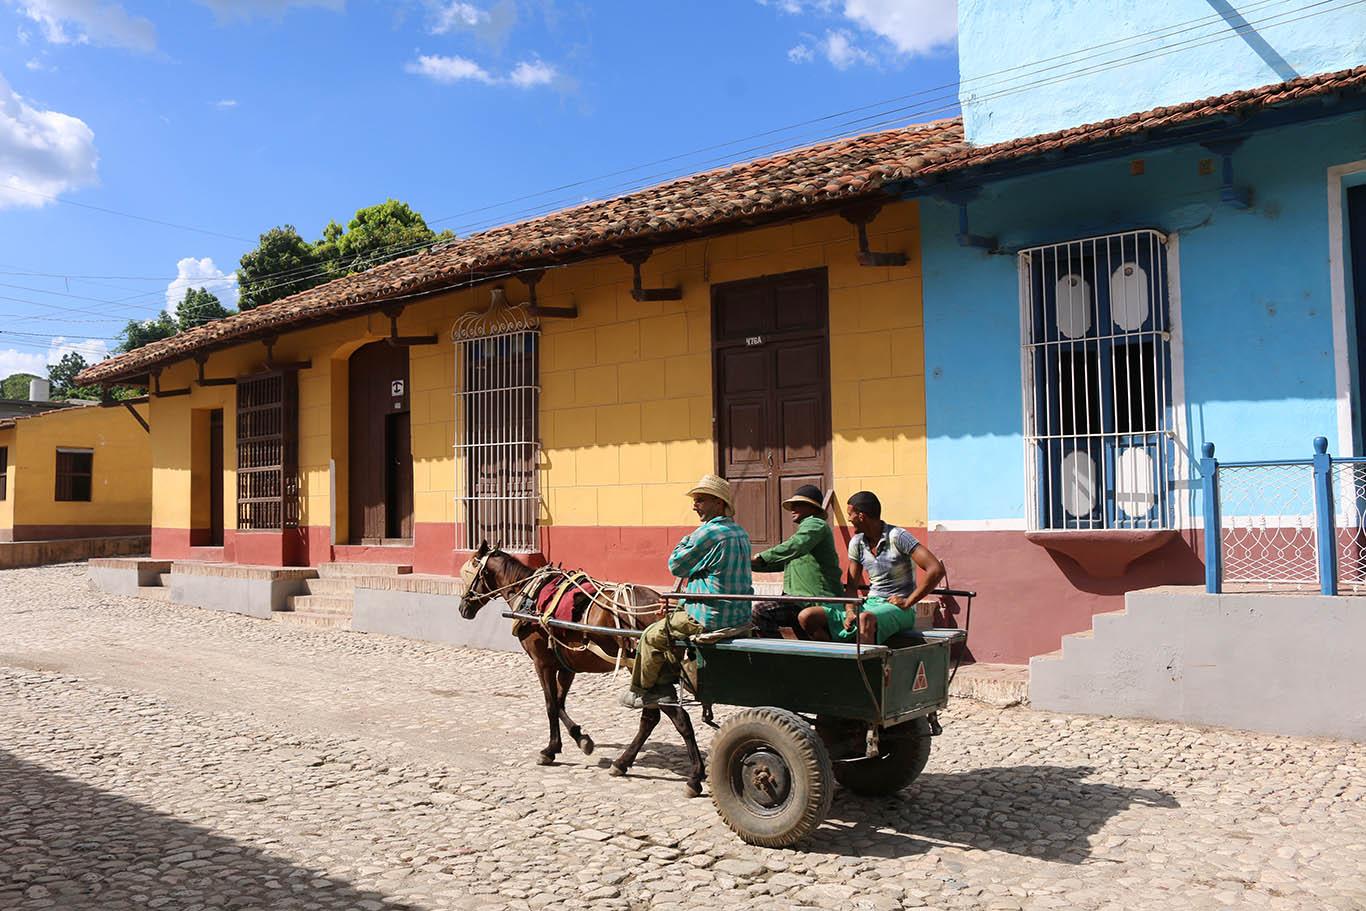 Carretto sulla strada per Pinar del Rio